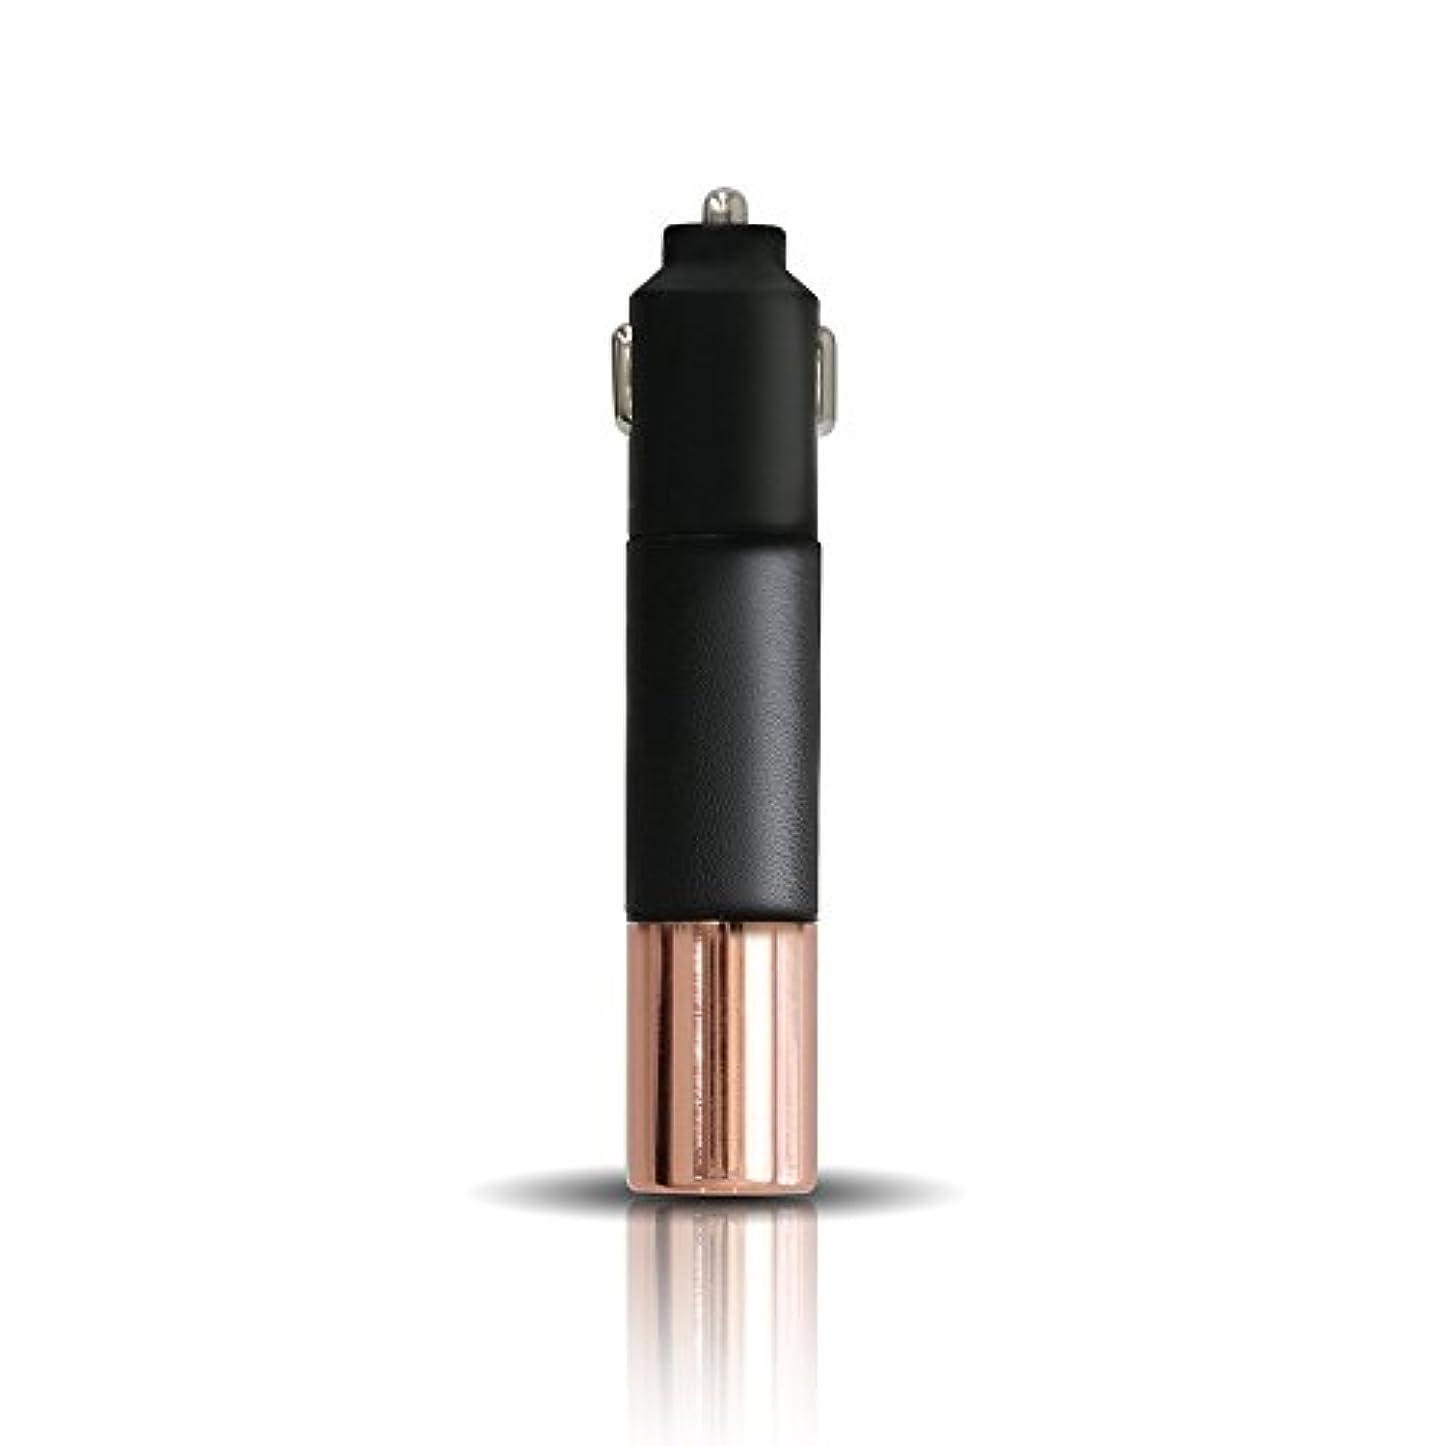 火薬彼らの強いPRISMATE(プリズメイト) Driving Aroma Diffuser Leather and Metal PR-AD02C (BK(ブラック))